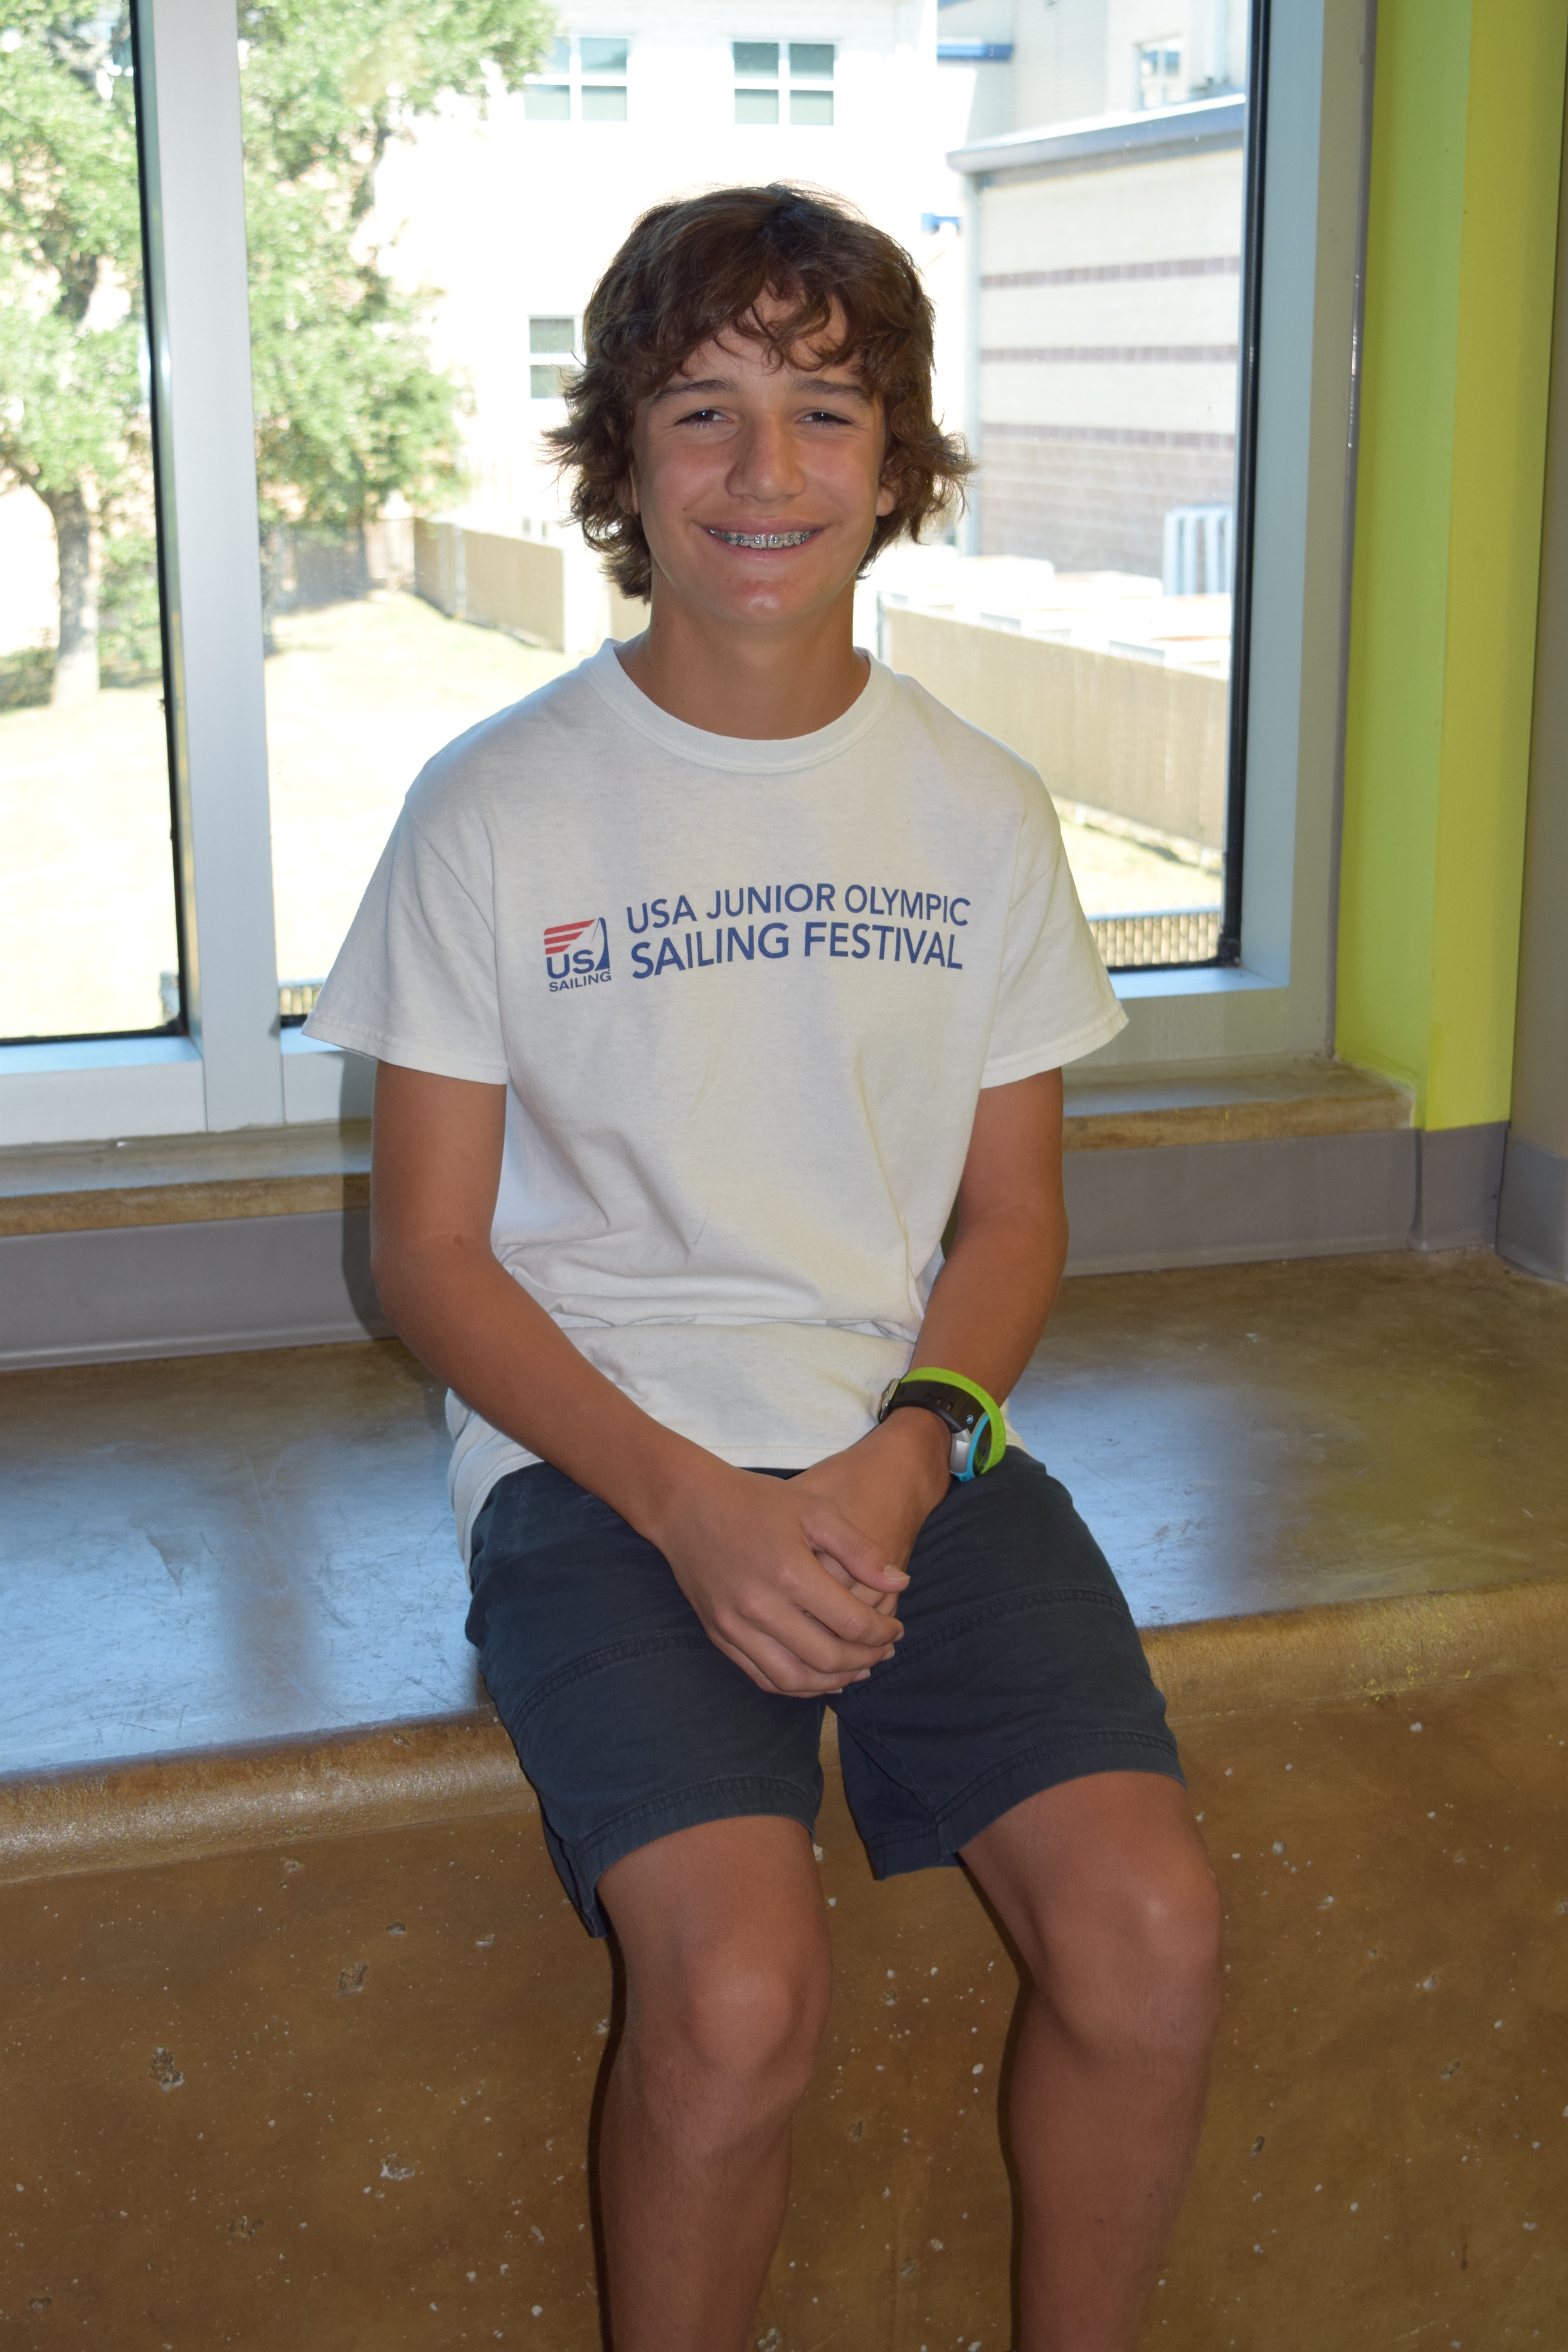 HBMS 7th grader Julius Heitkoetter